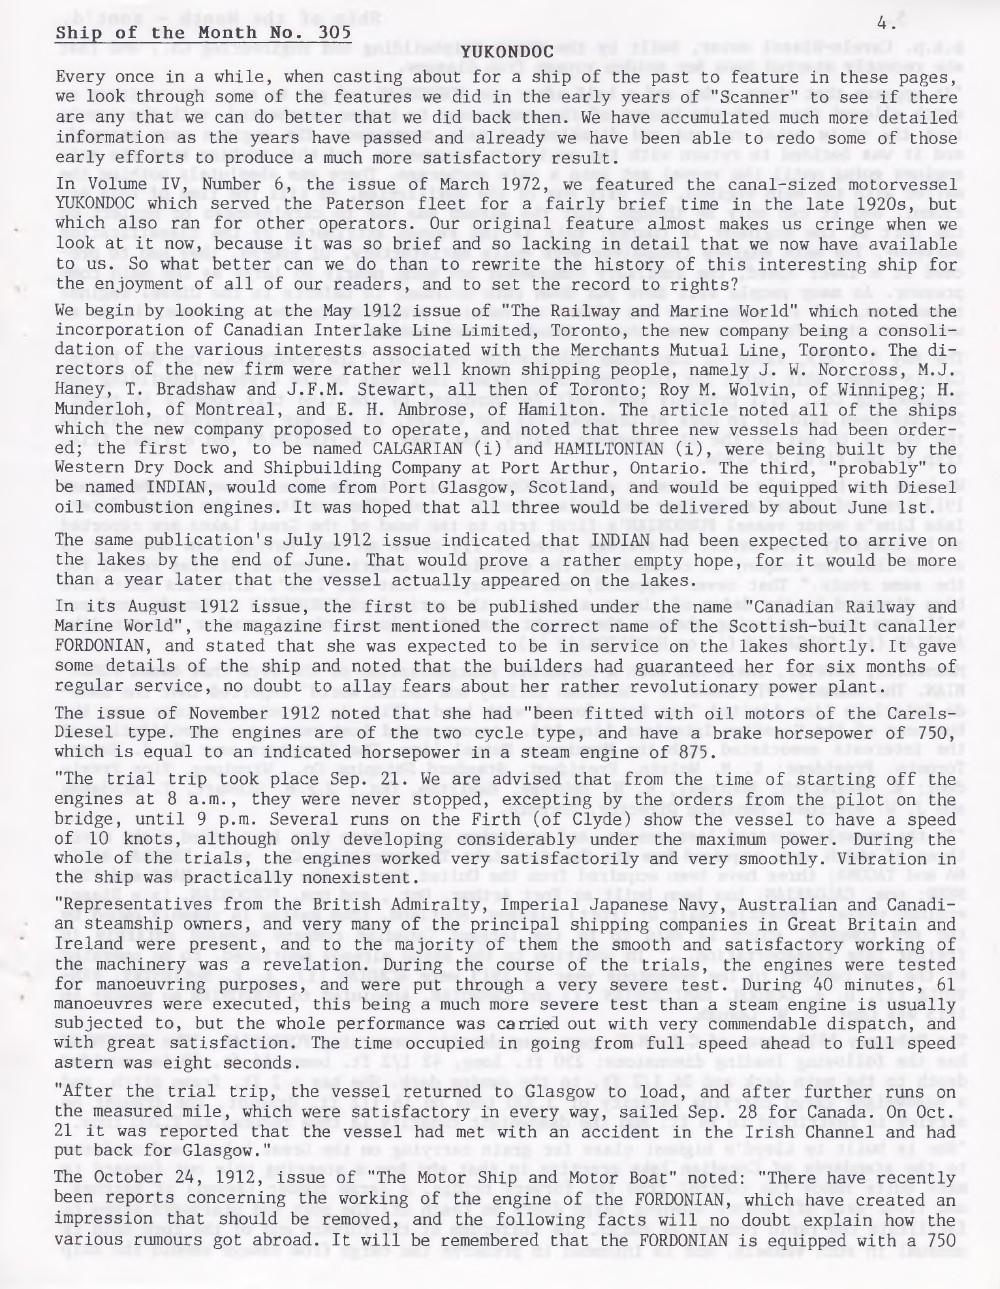 Scanner, v. 39, no. 5 (March 2007)